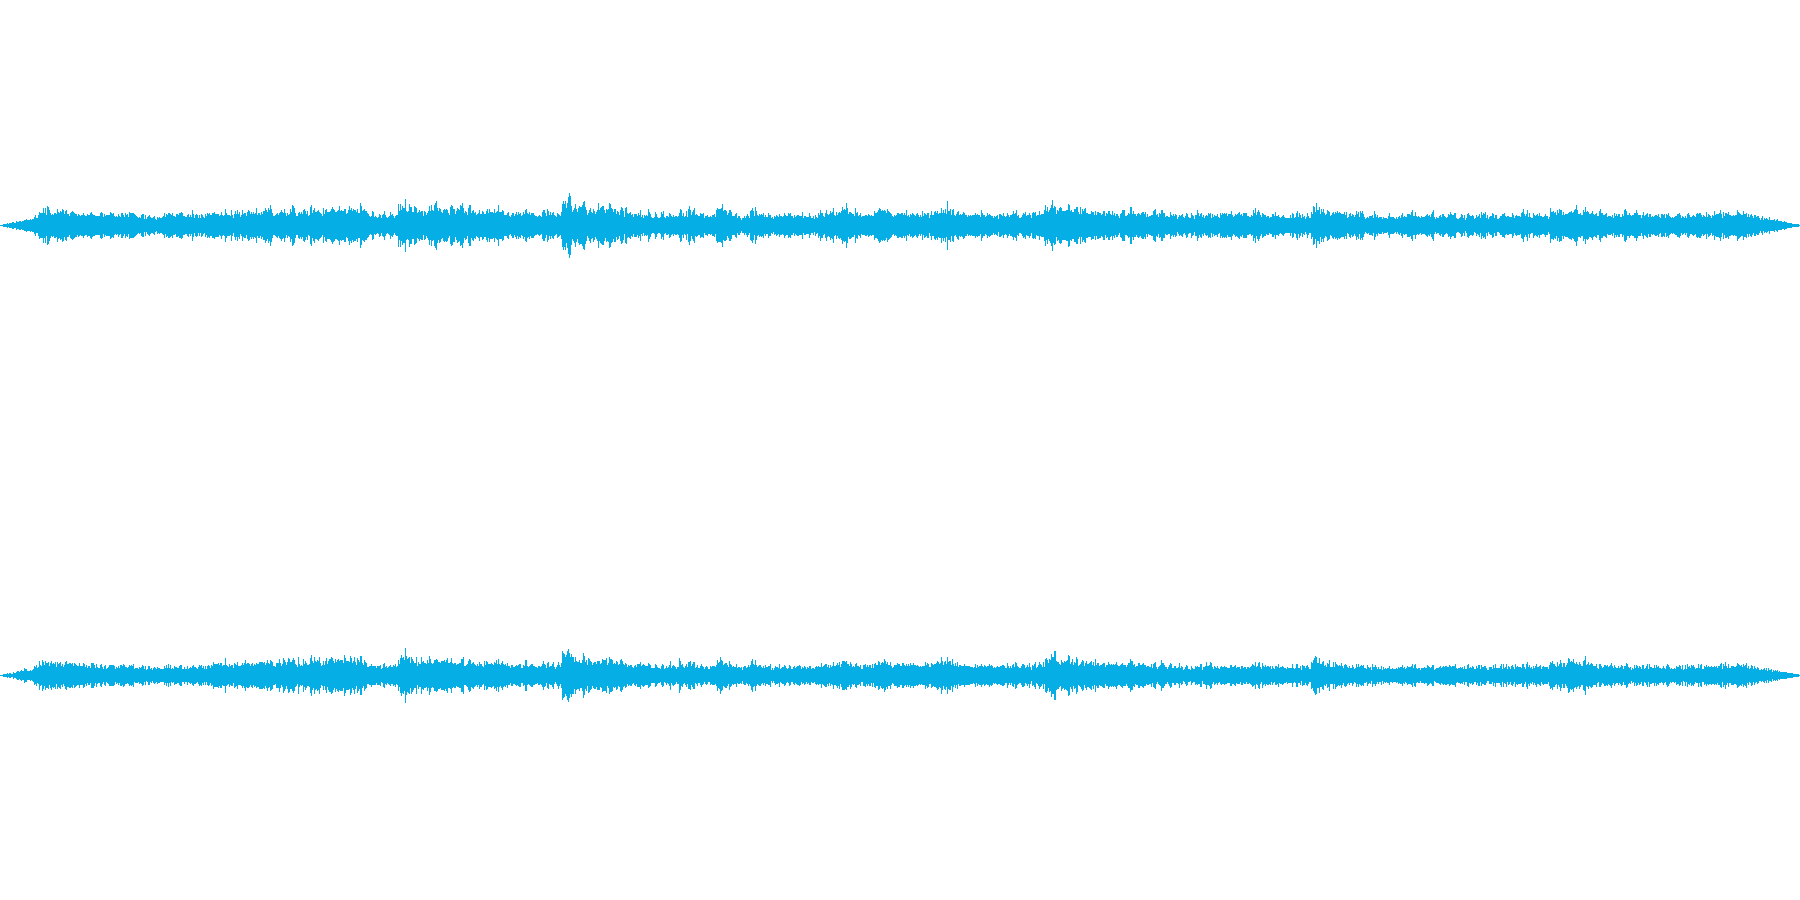 とんびの鳴き声ですの再生済みの波形